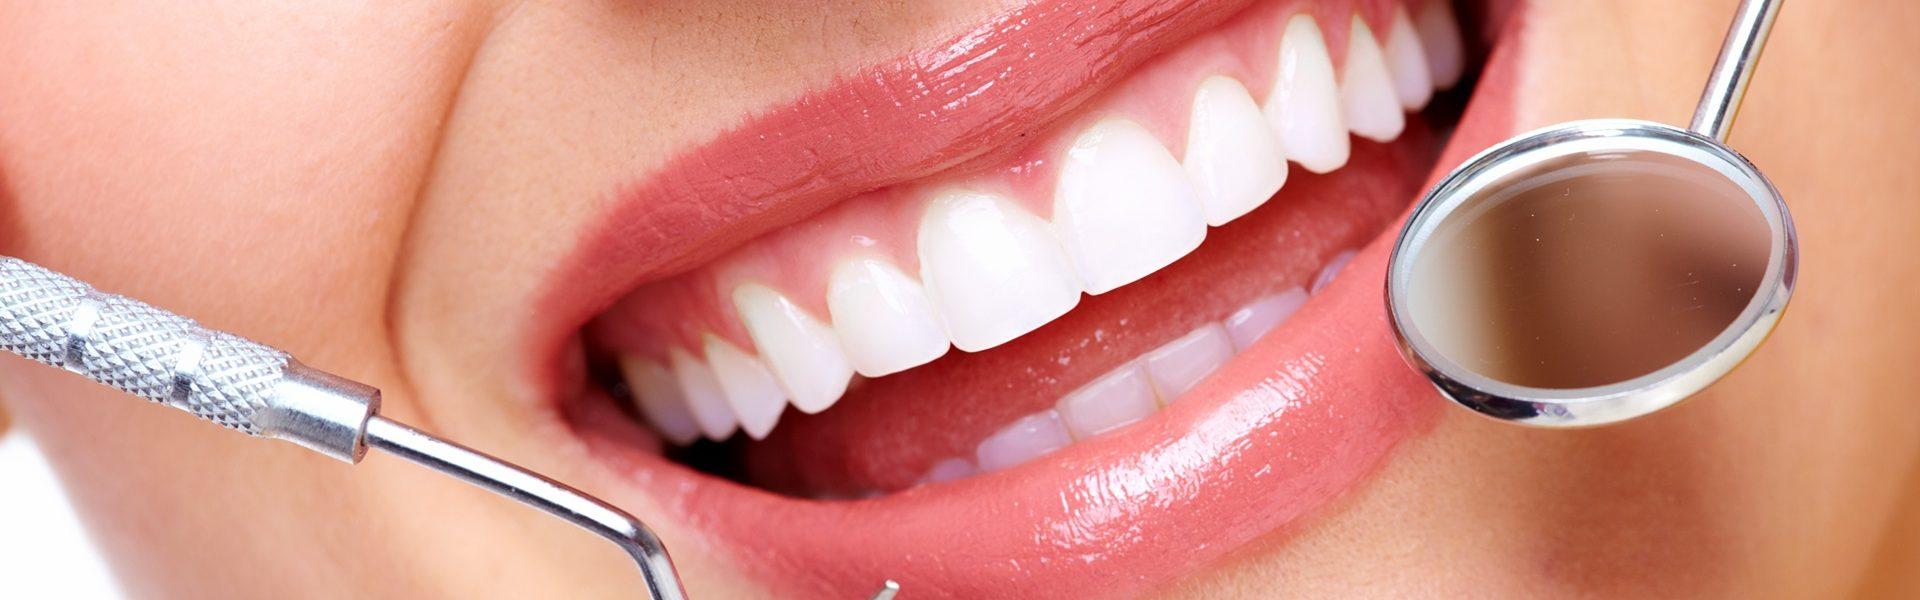 ฟอกฟันขาว